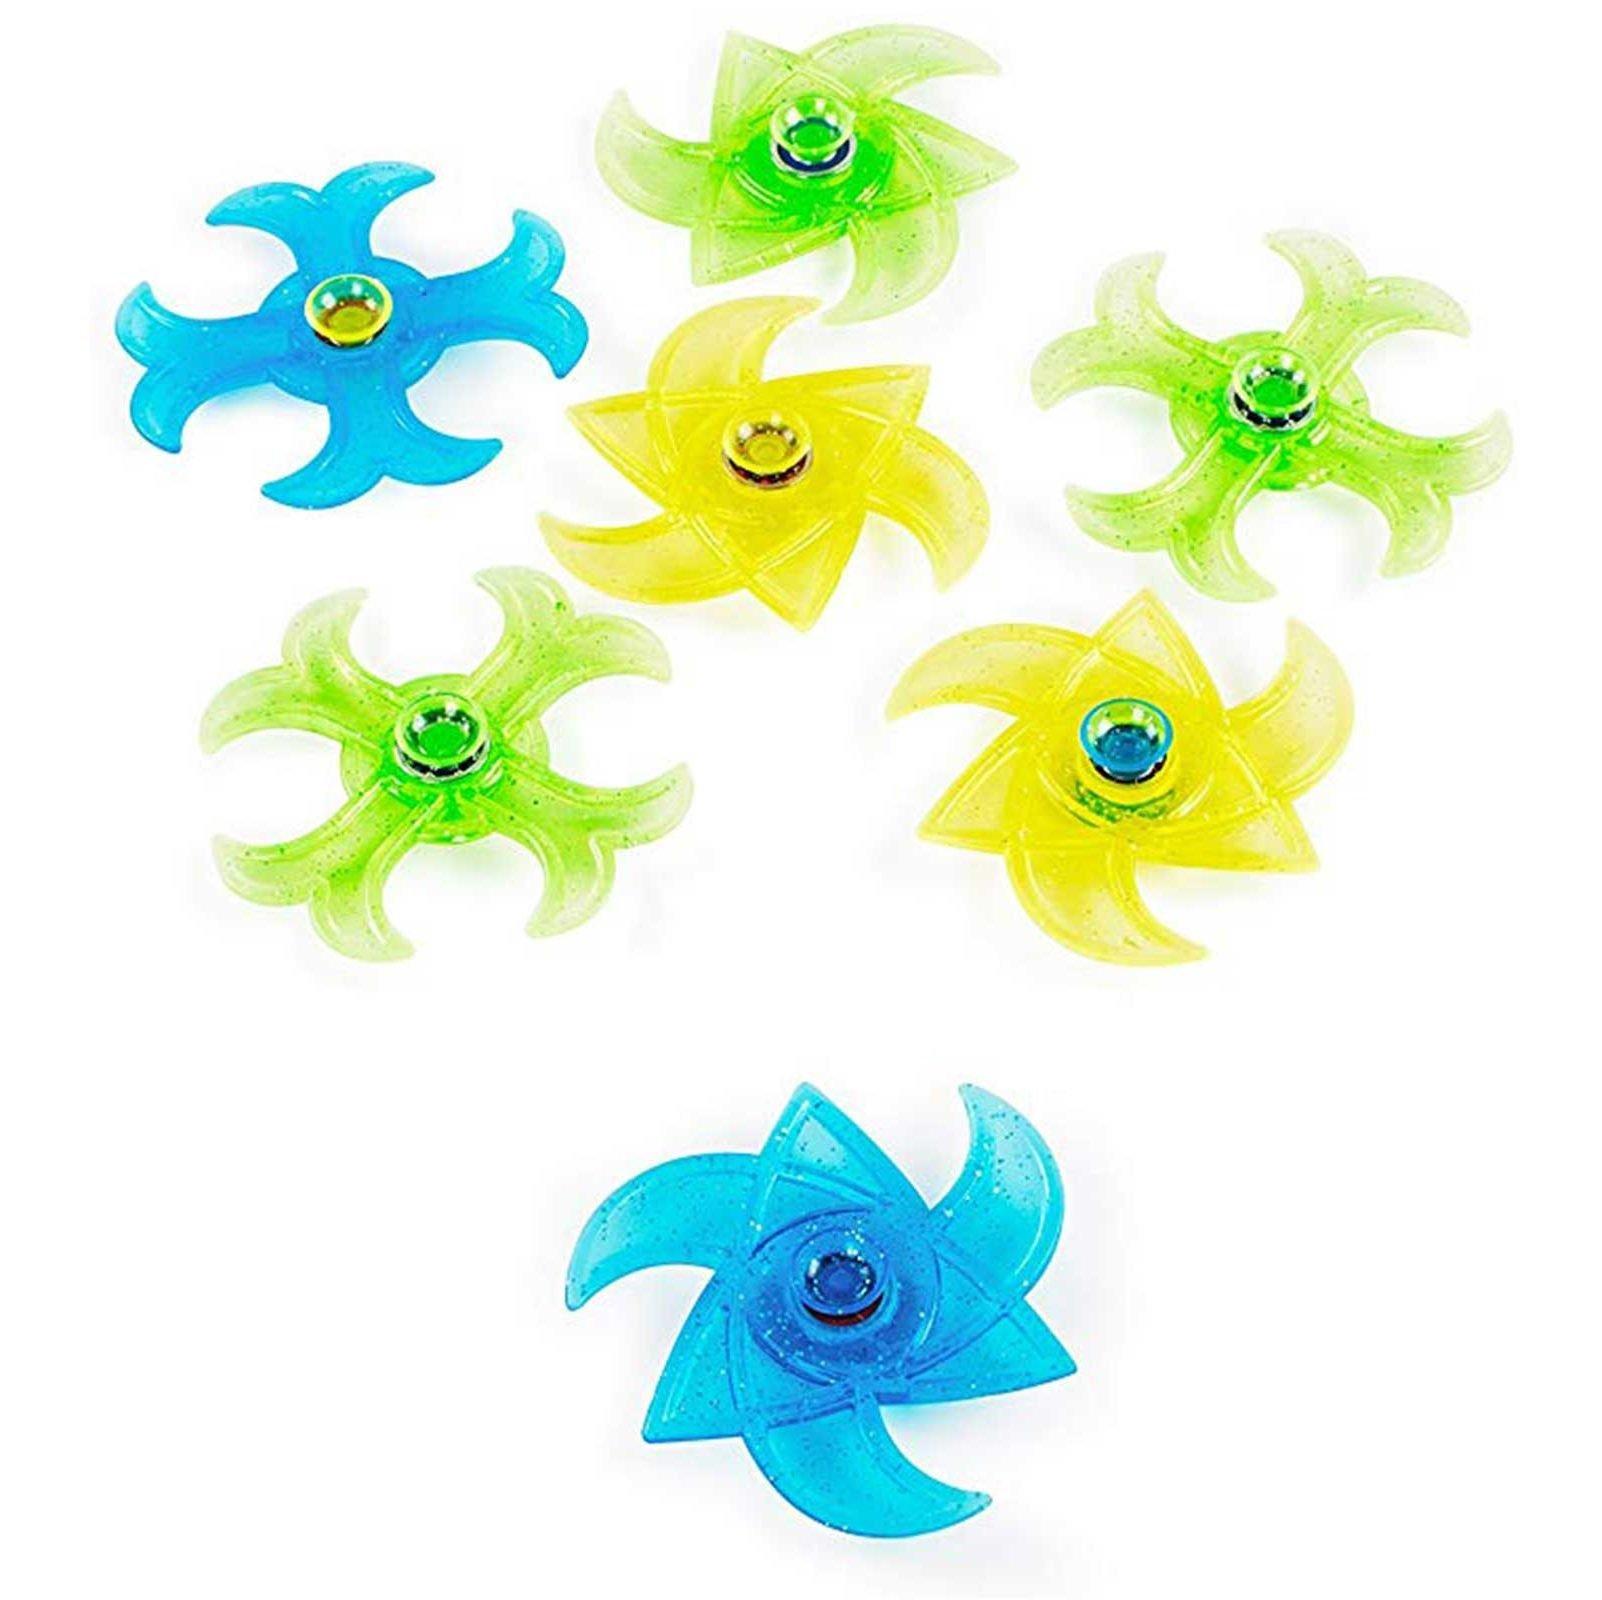 09_Ninja-like-fidget-spinners